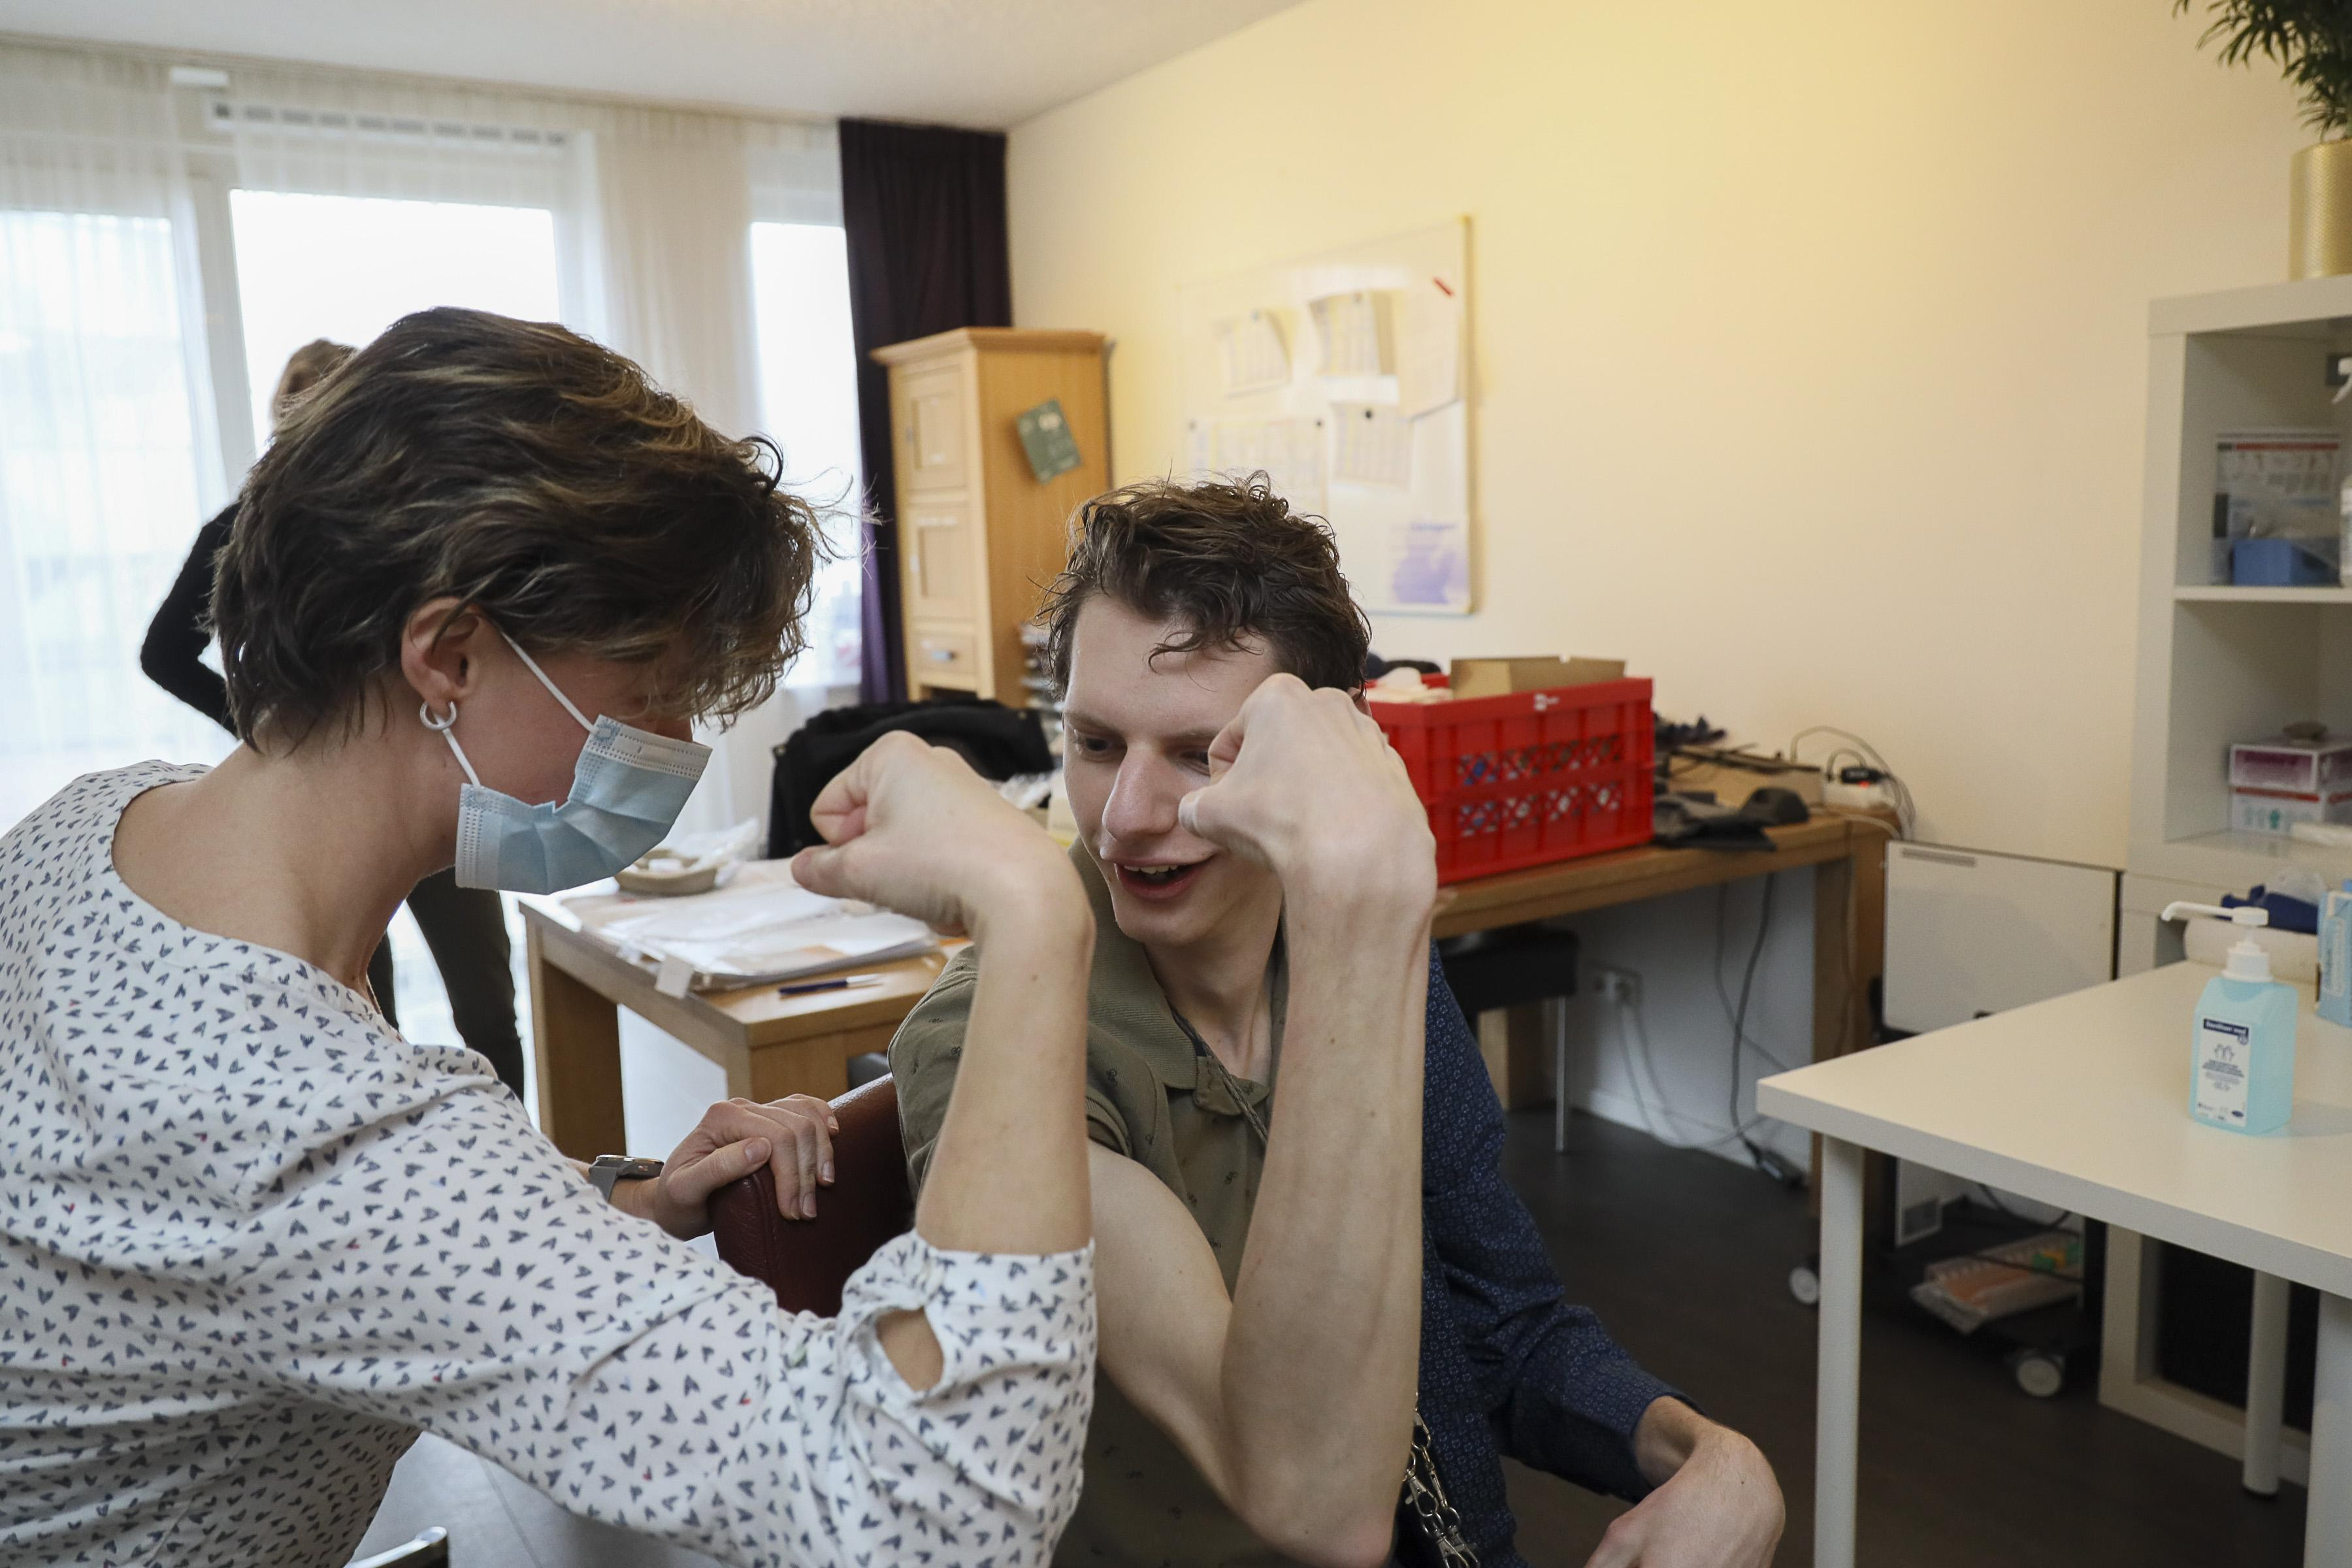 Vaccinatie tegen corona bij meervoudig gehandicapten: een 'prikkie' erin voor de kwetsbare kanjers